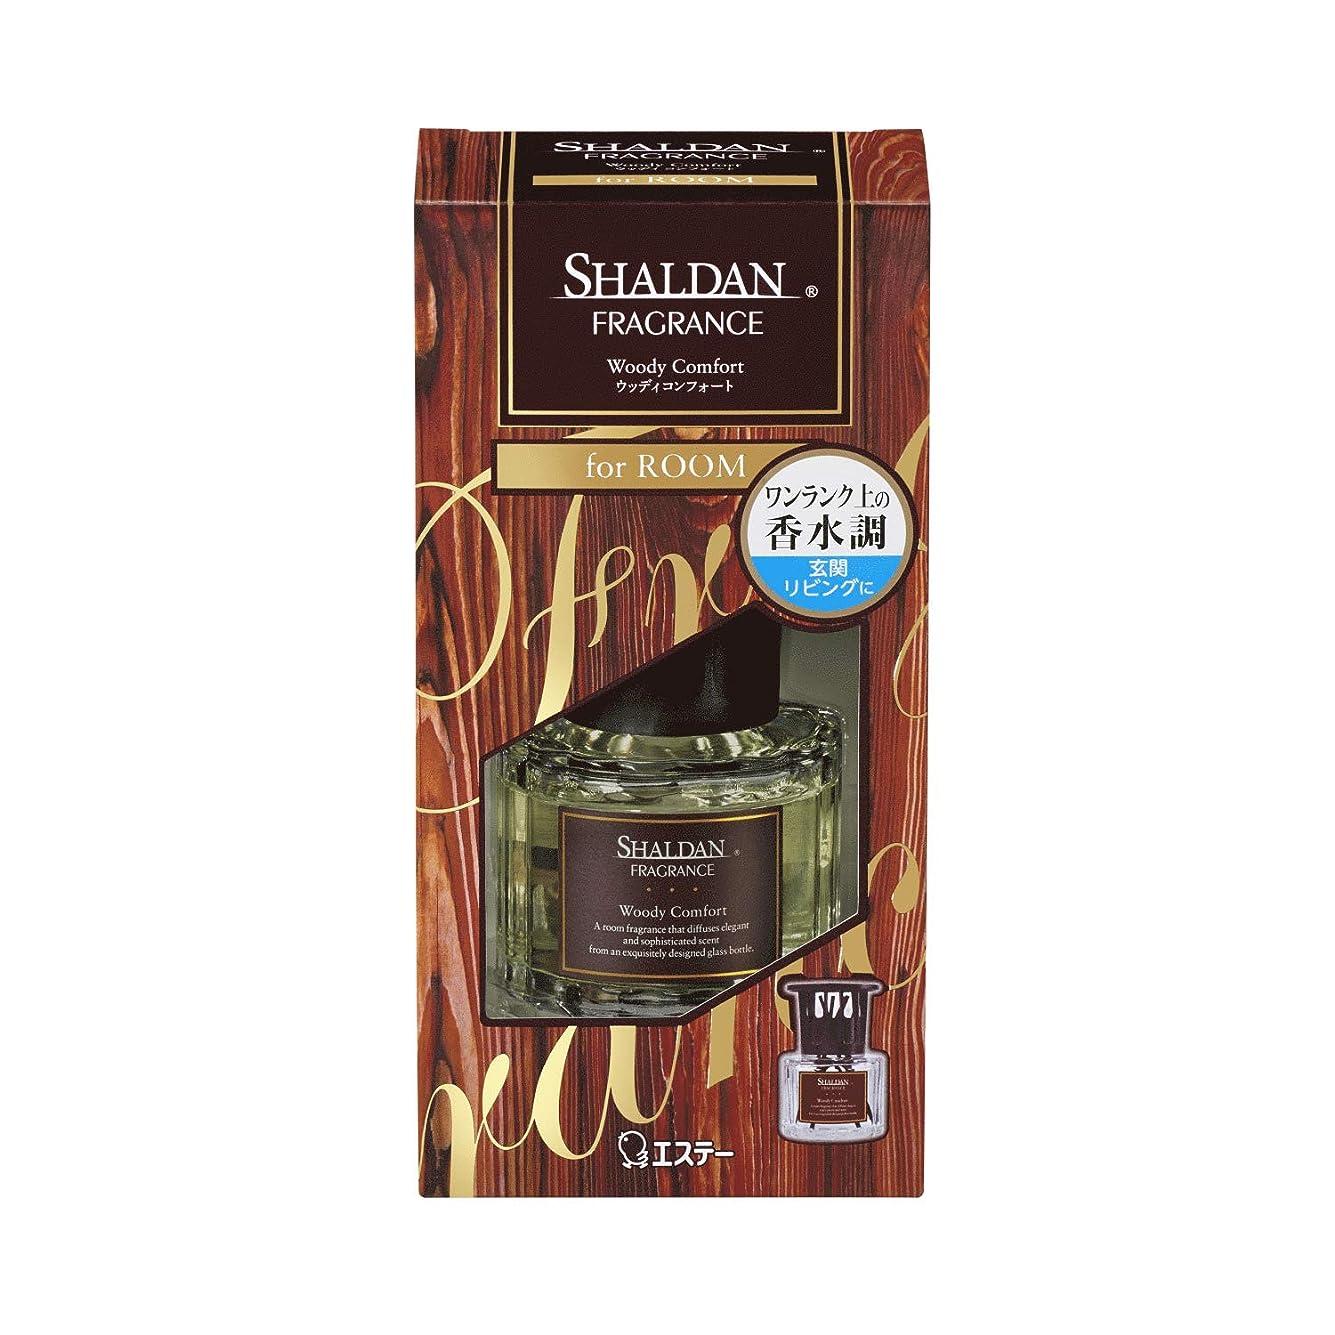 カレンダーダルセット薬剤師シャルダン SHALDAN フレグランス for ROOM 芳香剤 部屋用 本体 ウッディコンフォート 65mL